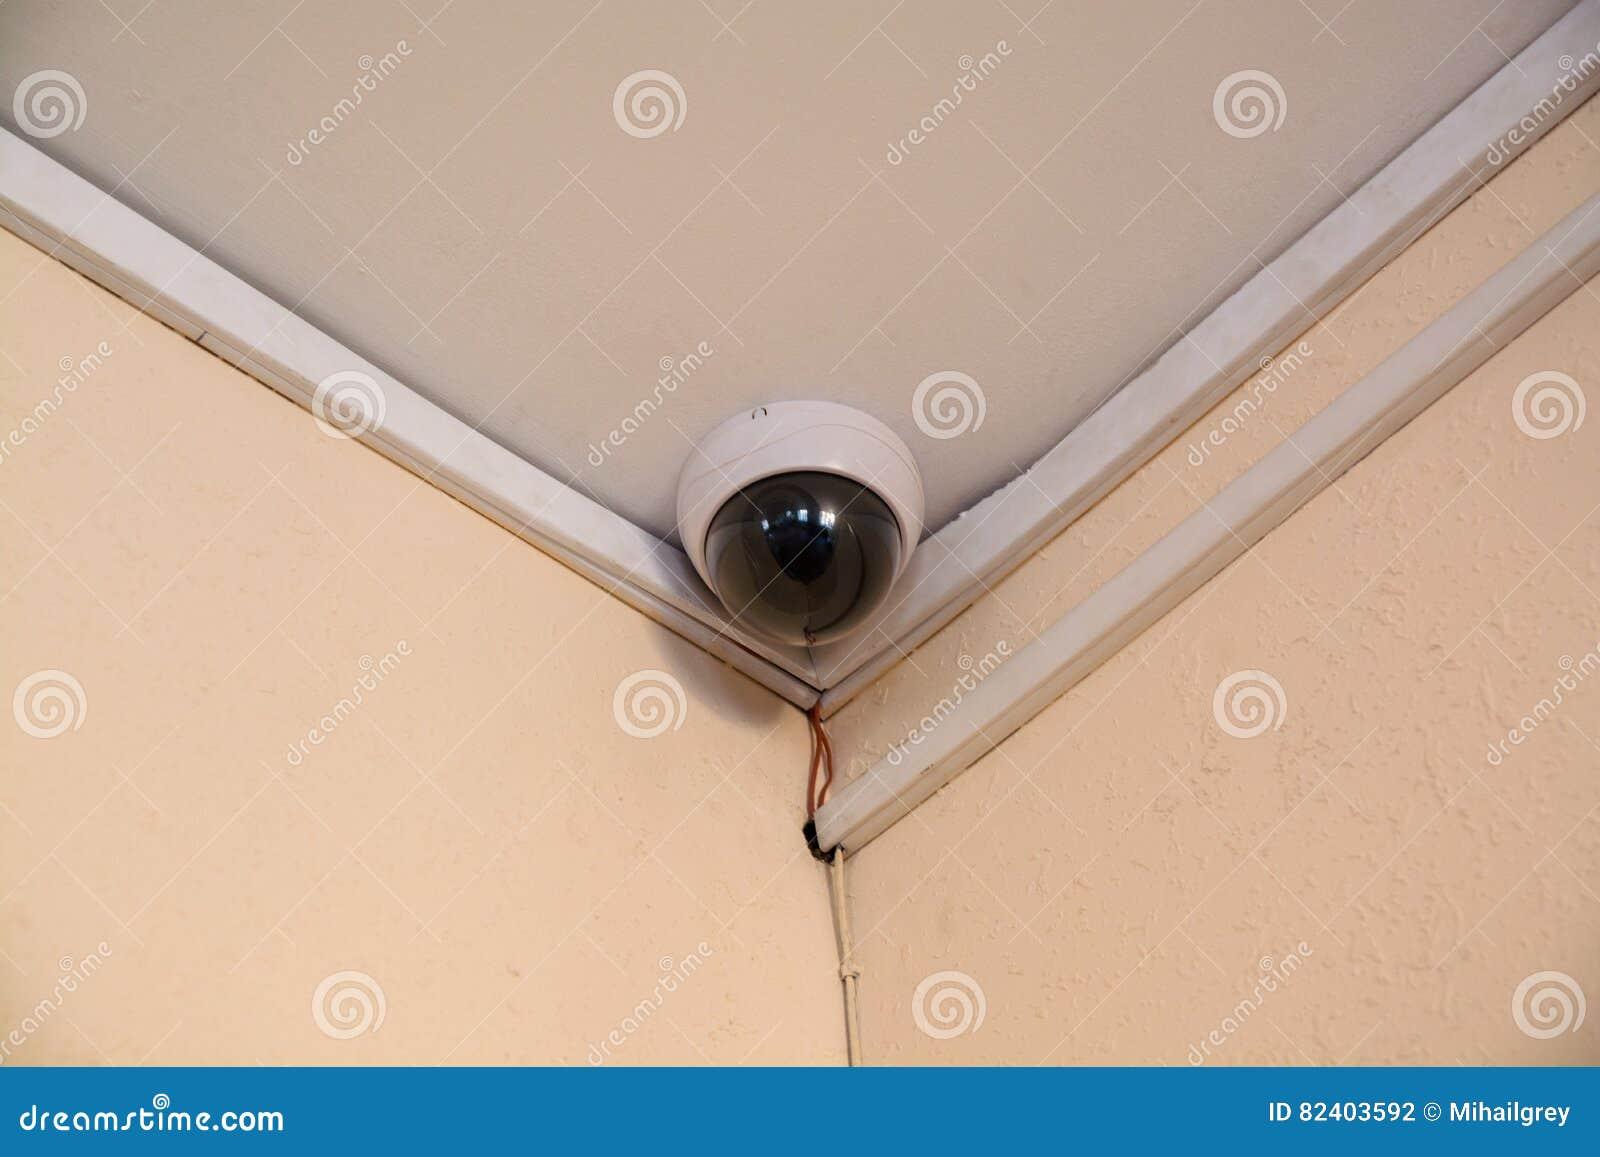 Moniteur de caméra de sécurité dans l immeuble de bureaux photo